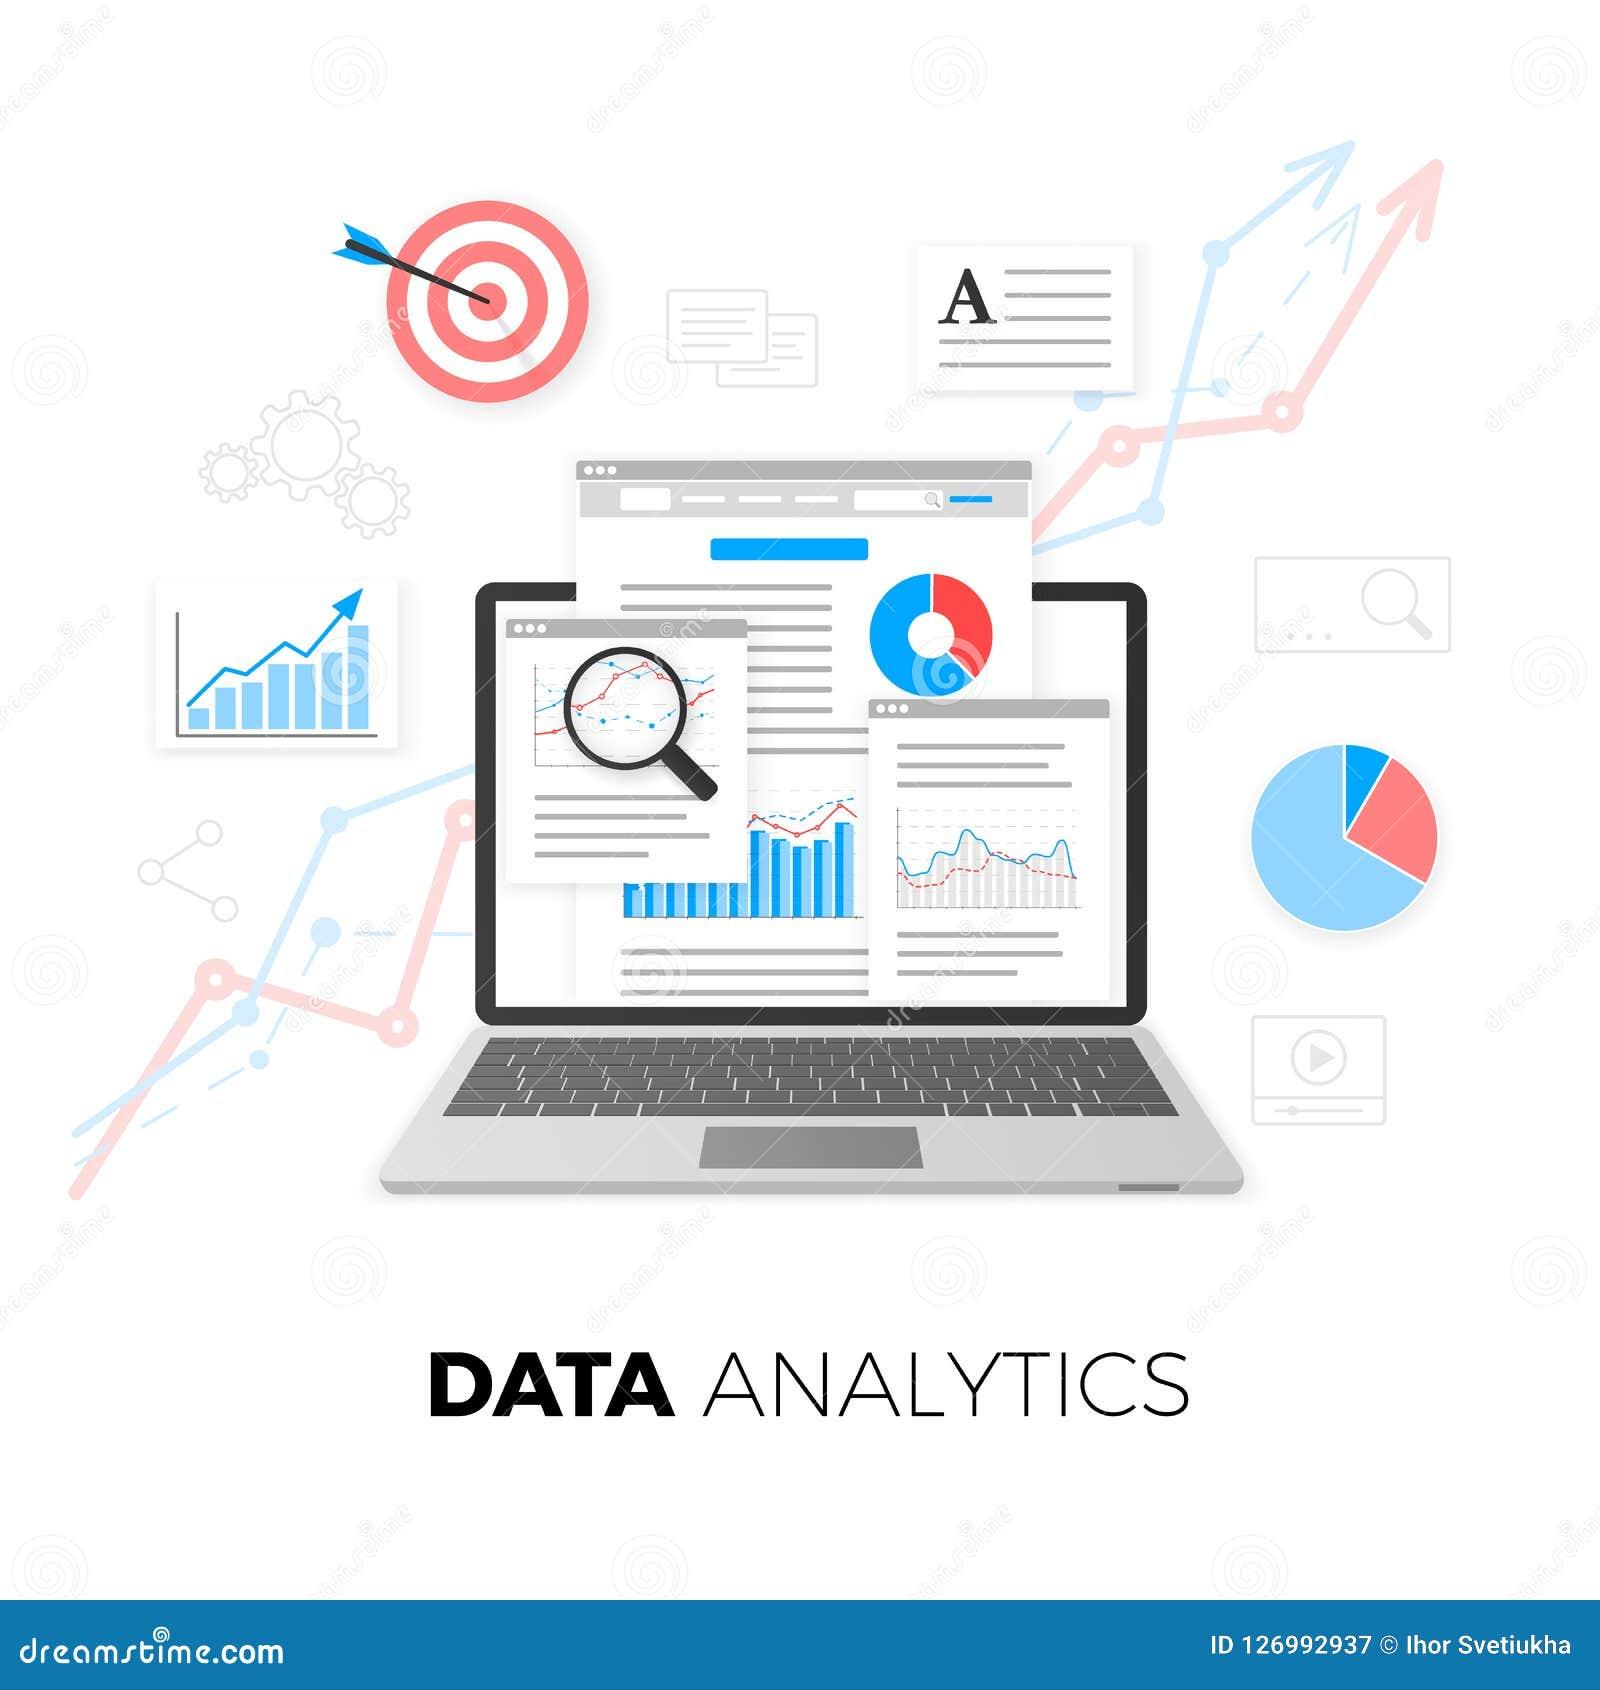 Datenanalytikkonzept SEO Optimierung Begriffsbild mit Schlüsselwortwolke um SEO Zeichen SEO-Inhaltsmarketing Netzanalytikdesign V